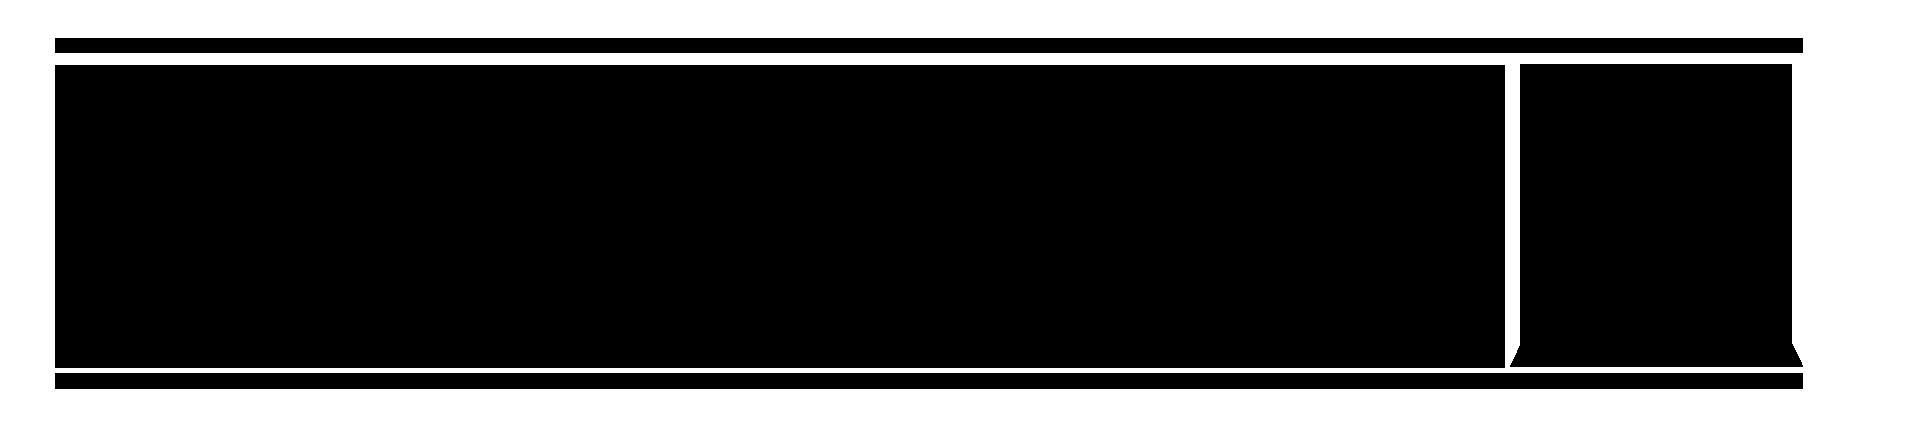 logo dj vura